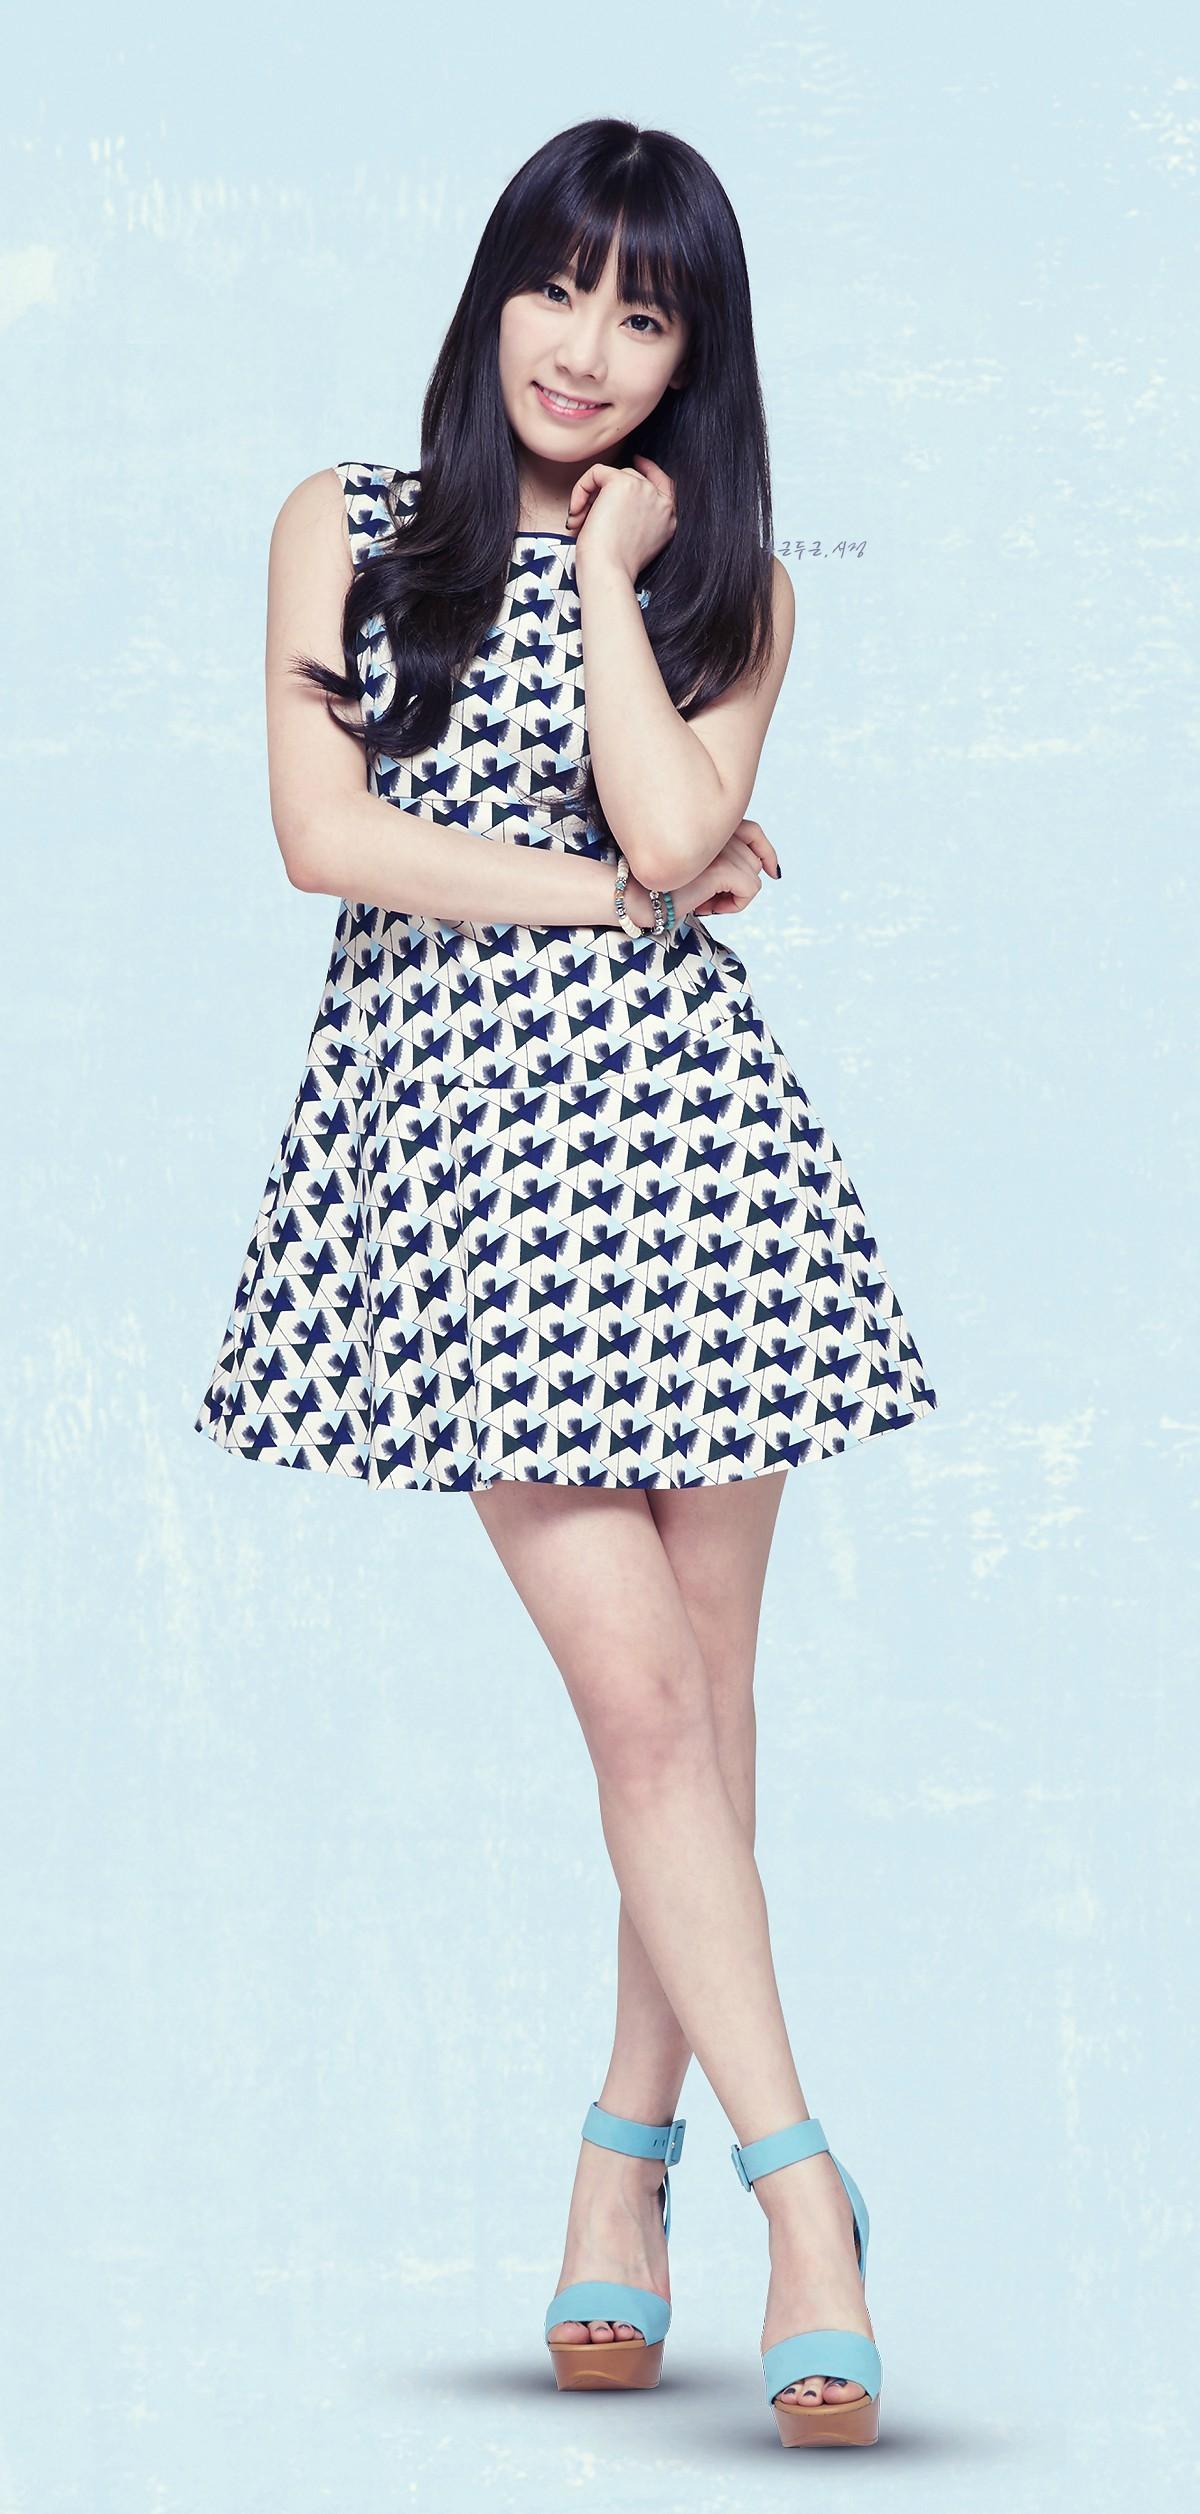 Hot Kim Yoo Yeon  naked (69 photos), Twitter, bra